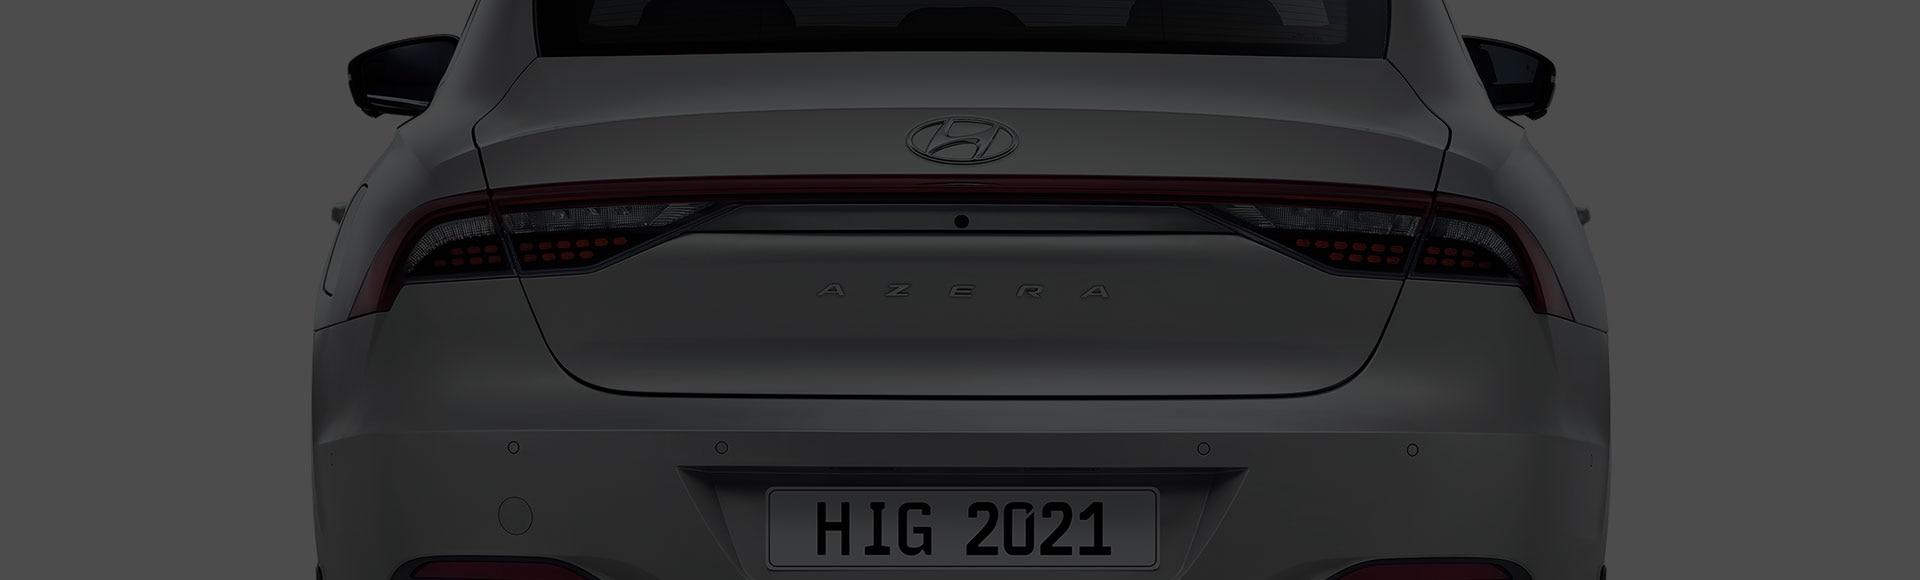 Azera exterior rear design